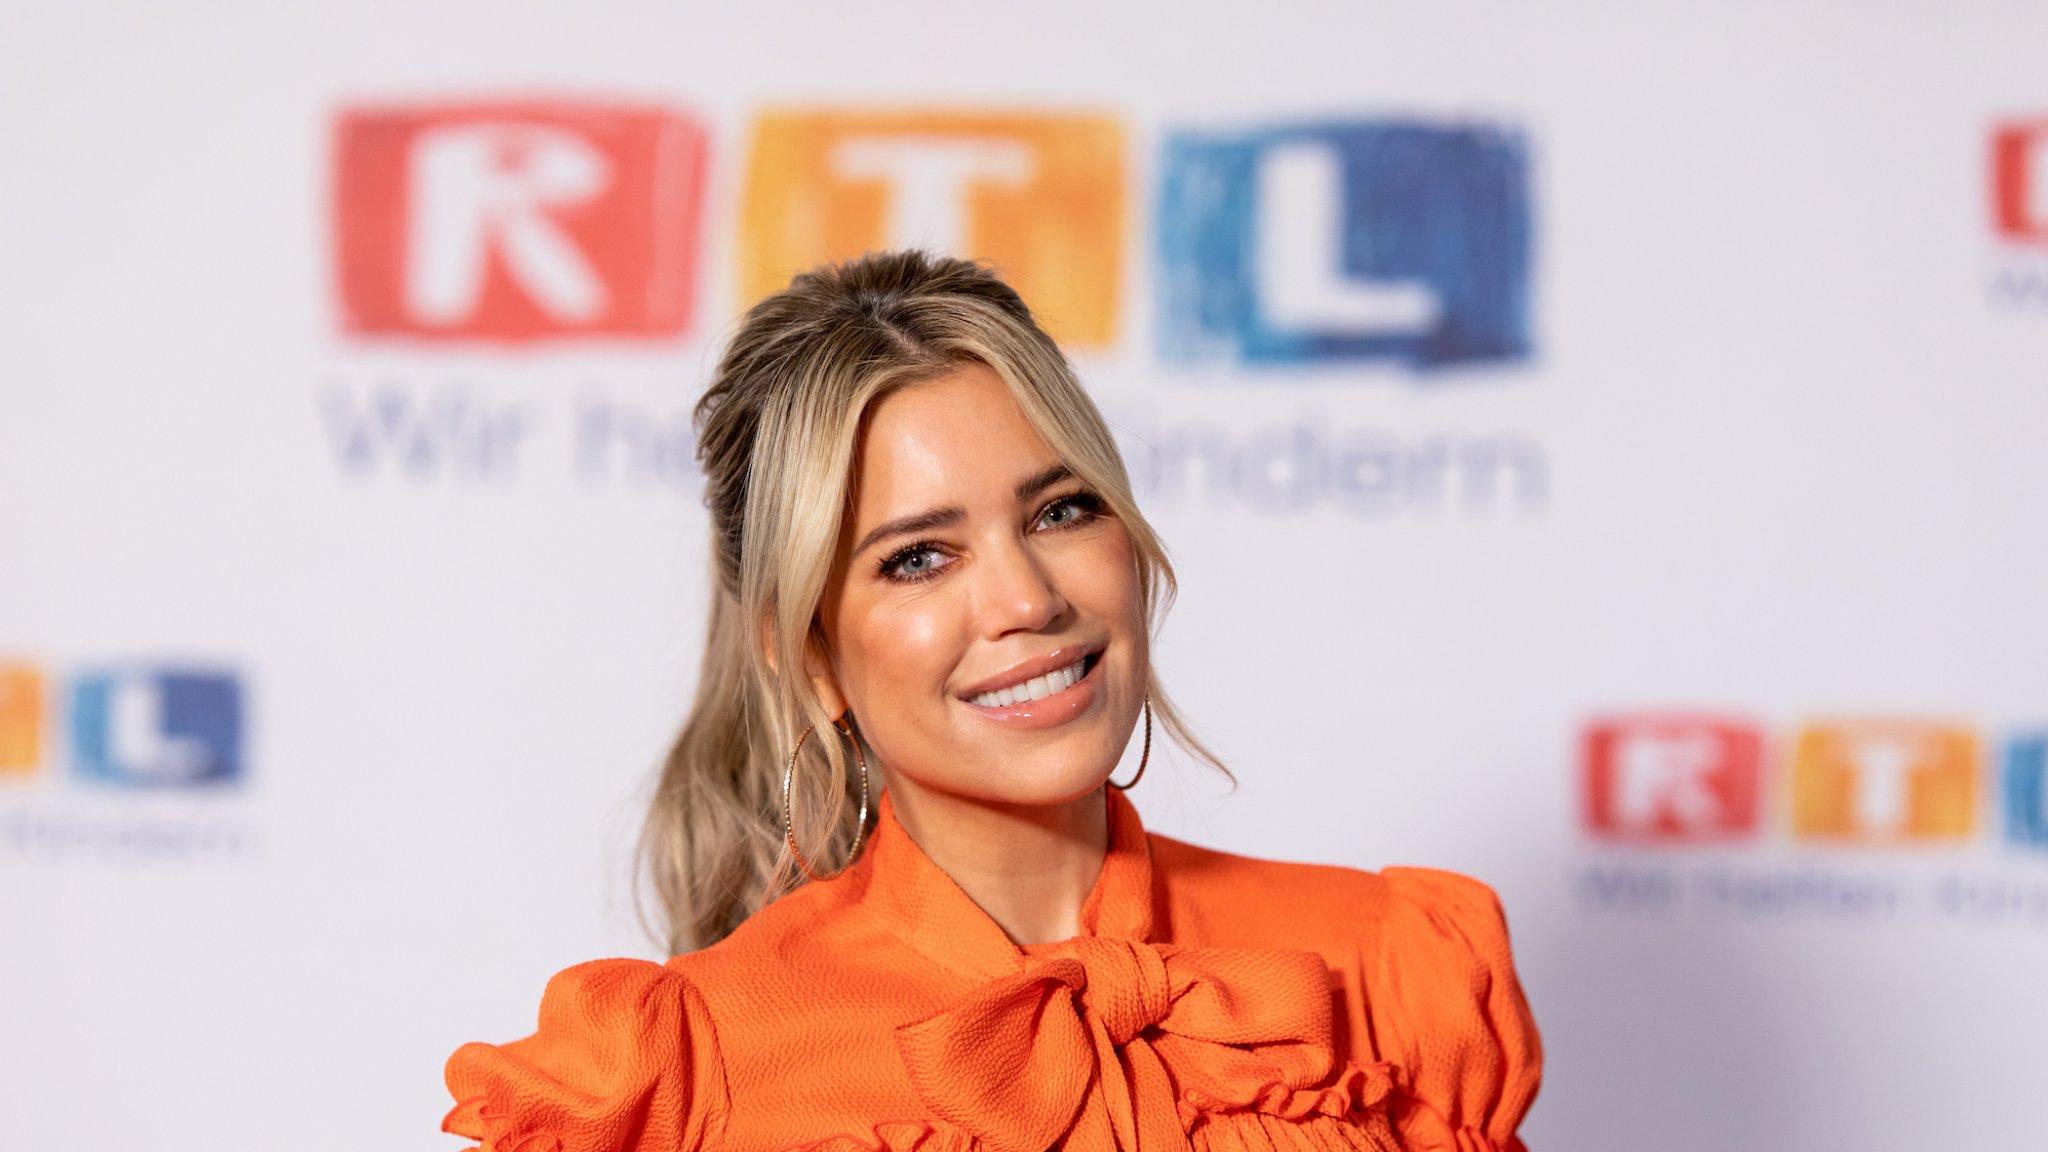 Sylvie Meis eerlijk over goede band met Rafael en Estavana - RTL Nieuws